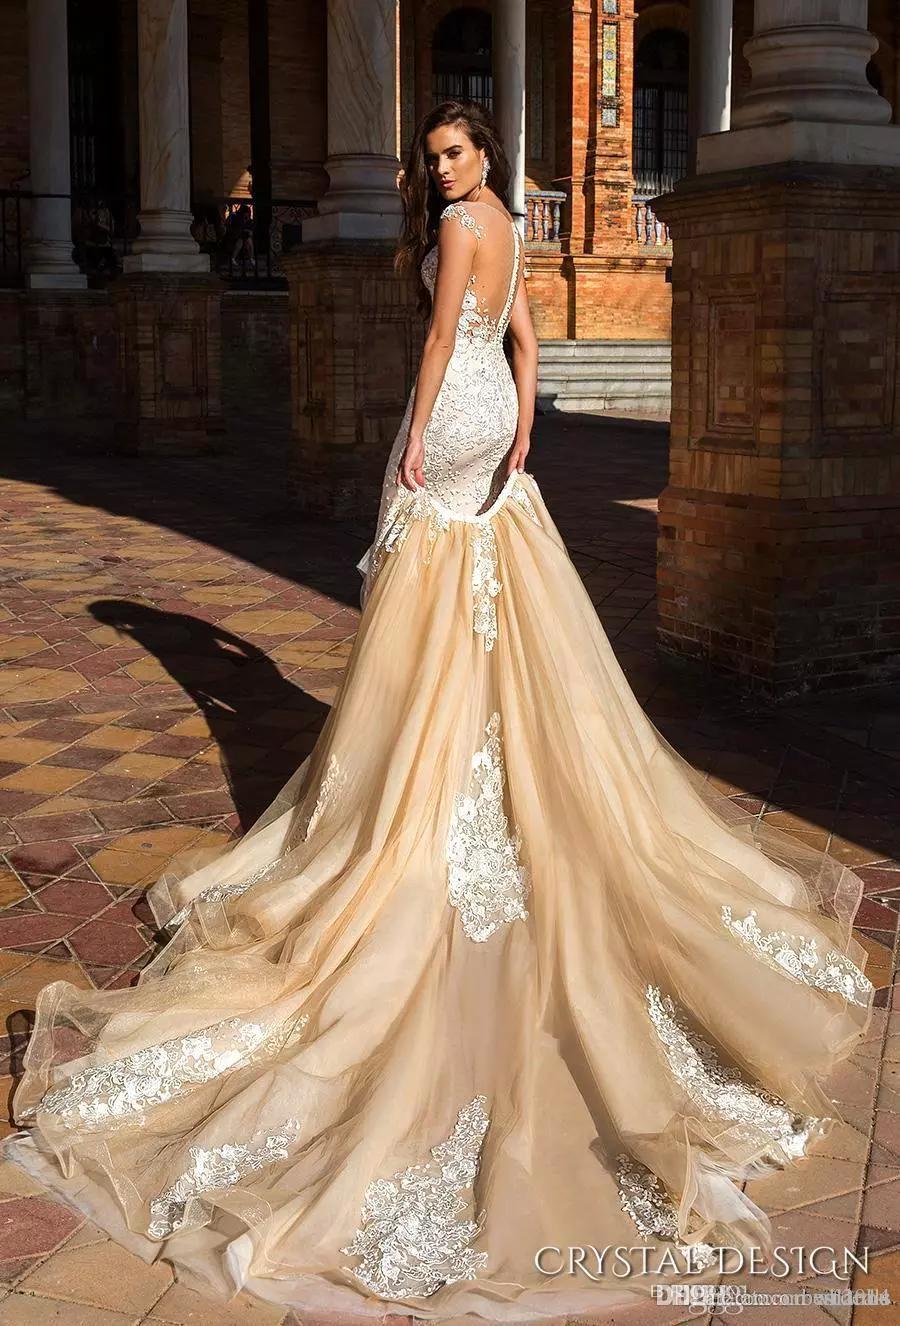 Crystal Design 2019 Sheer Brautkleider Capped Sleeve Jewel Ausschnitt Gestickte abnehmbarer Rock Mantel Brautkleider Low Back langer Zug